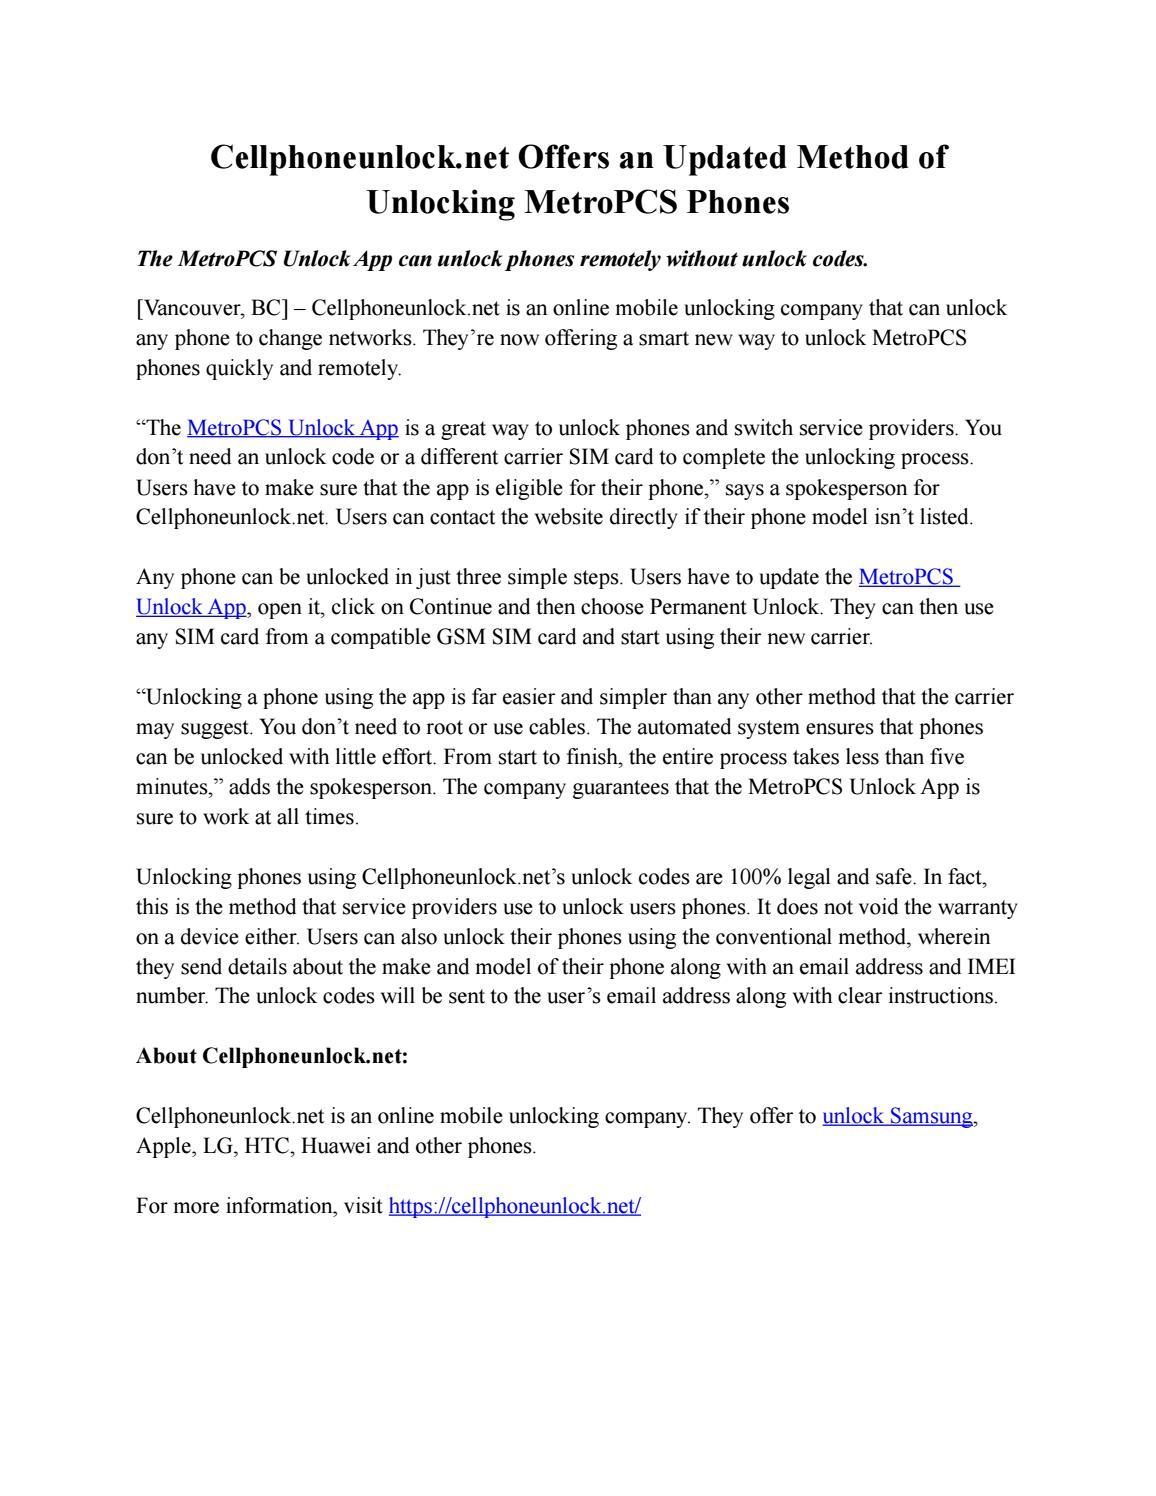 Cellphoneunlock net Offers an Updated Method of Unlocking